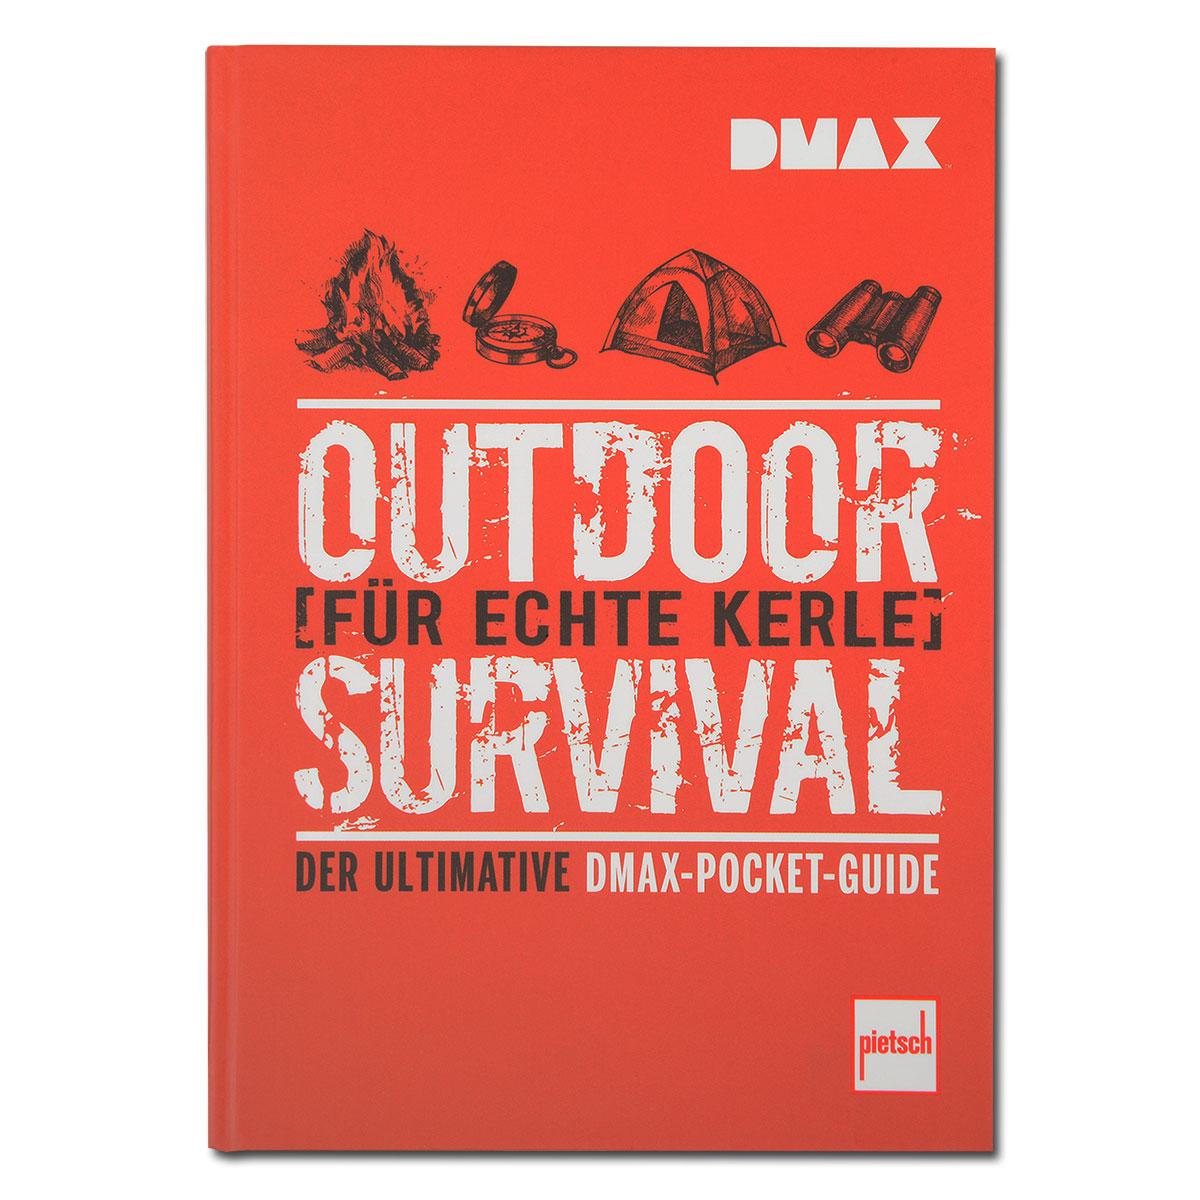 DMAX Outdoor Survival für echte Kerle im Pareyshop